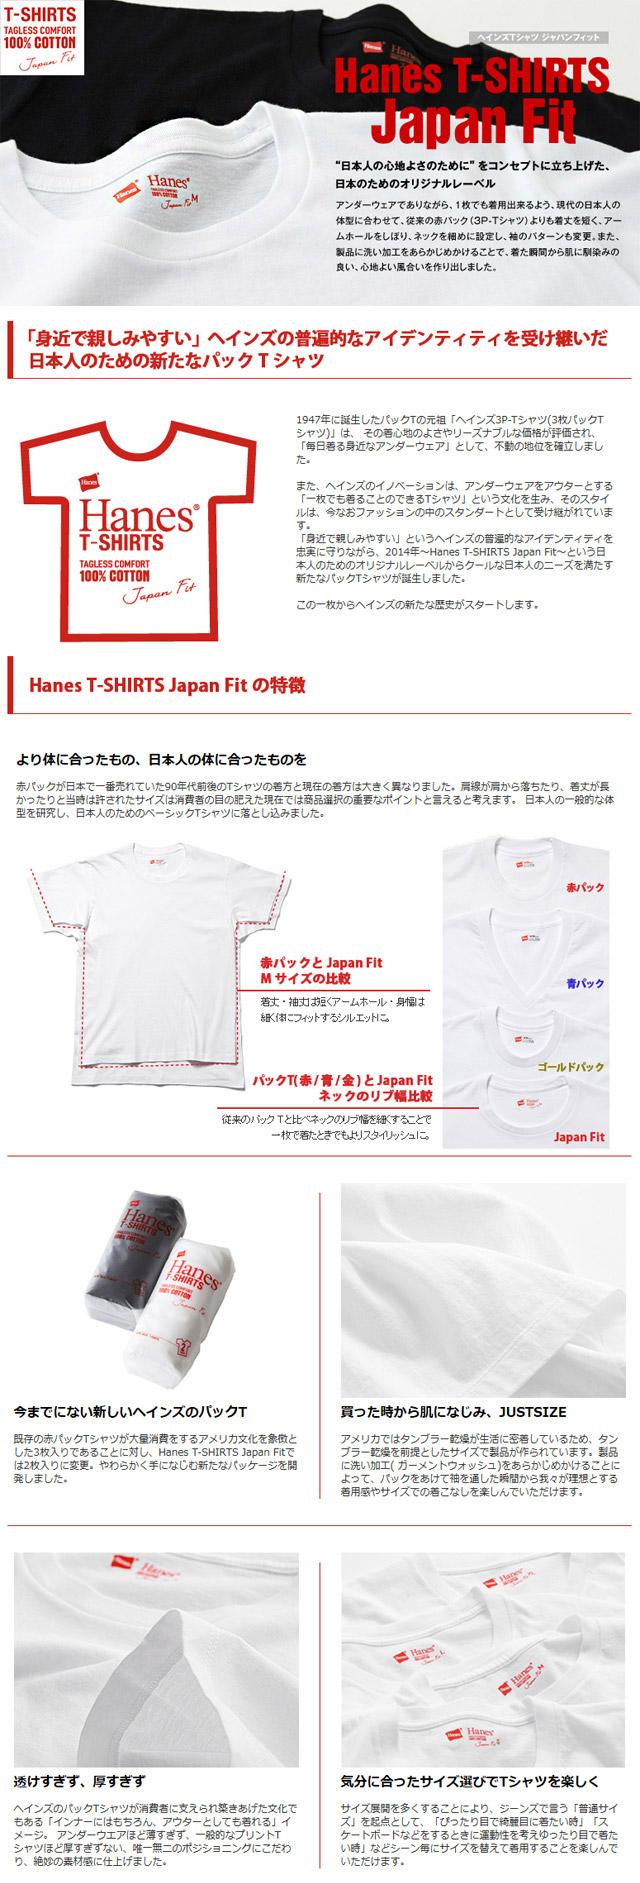 ウィメンズ ジャパンフィット クルーネックTシャツ(2枚組)【HW5110】